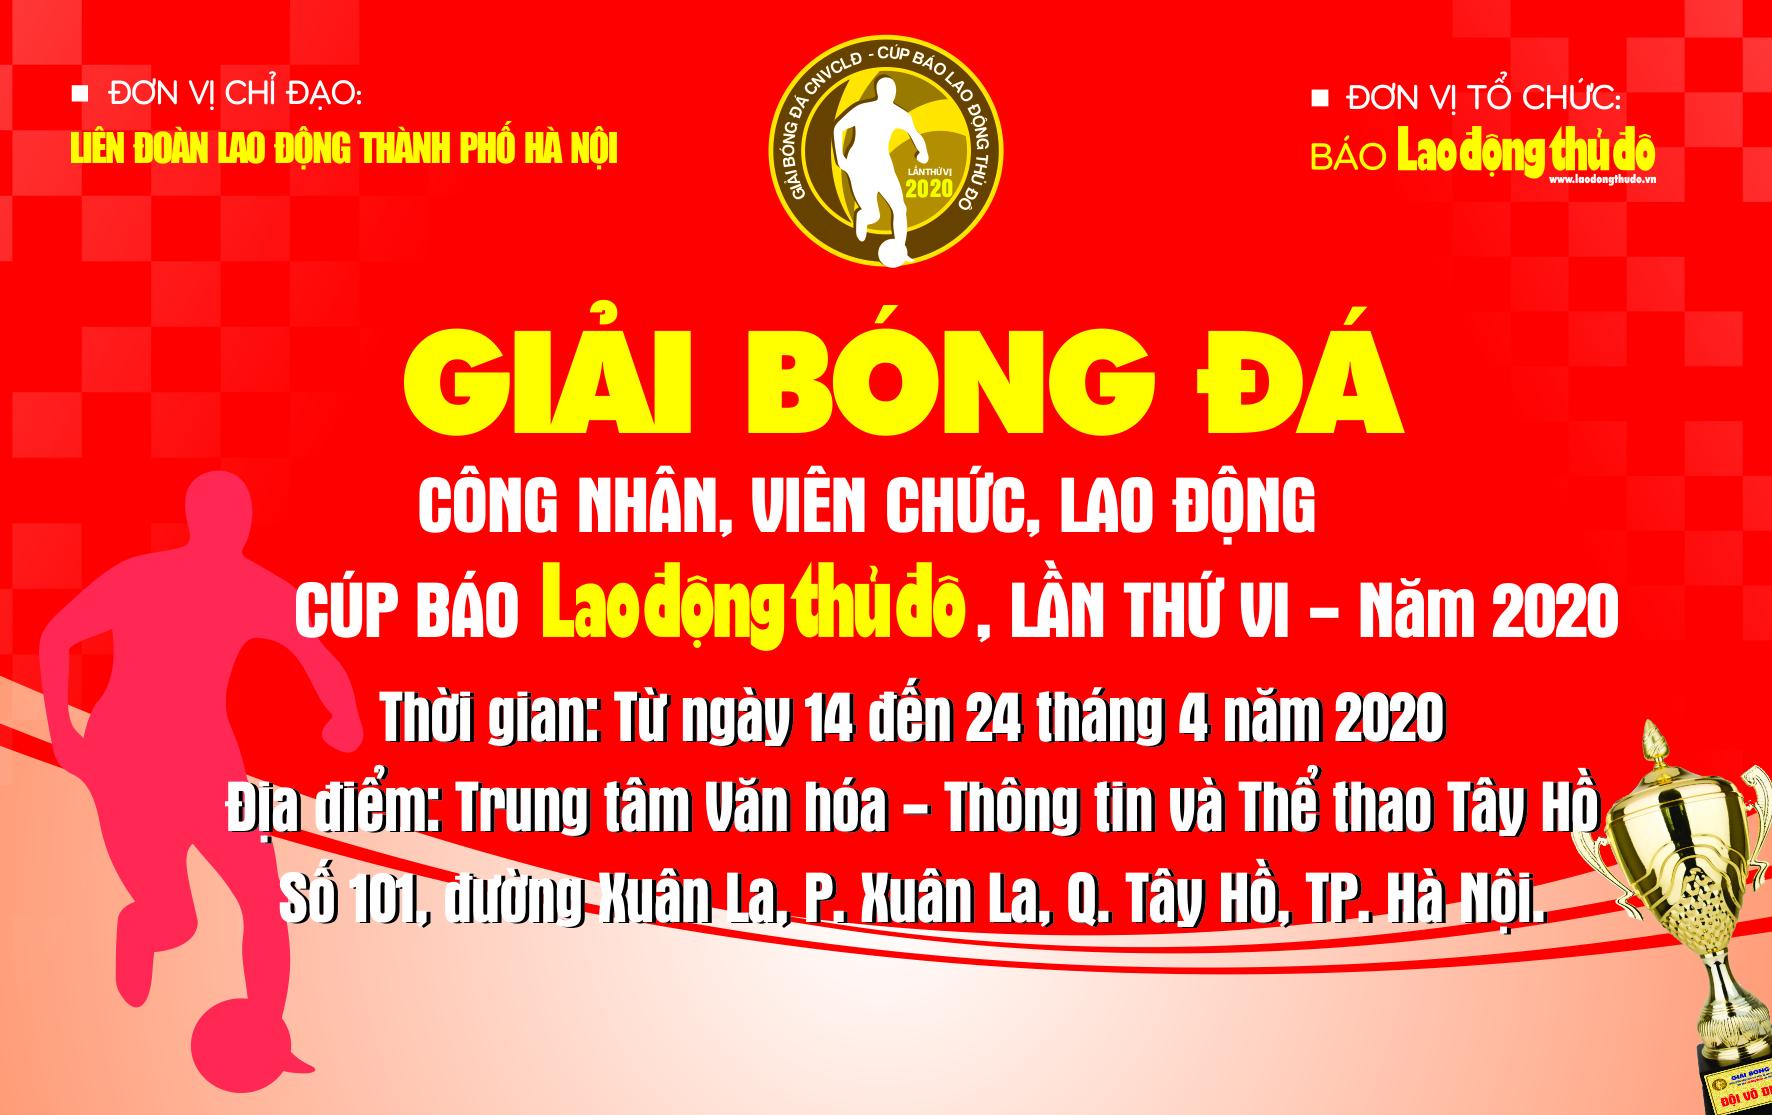 bong-da-2020